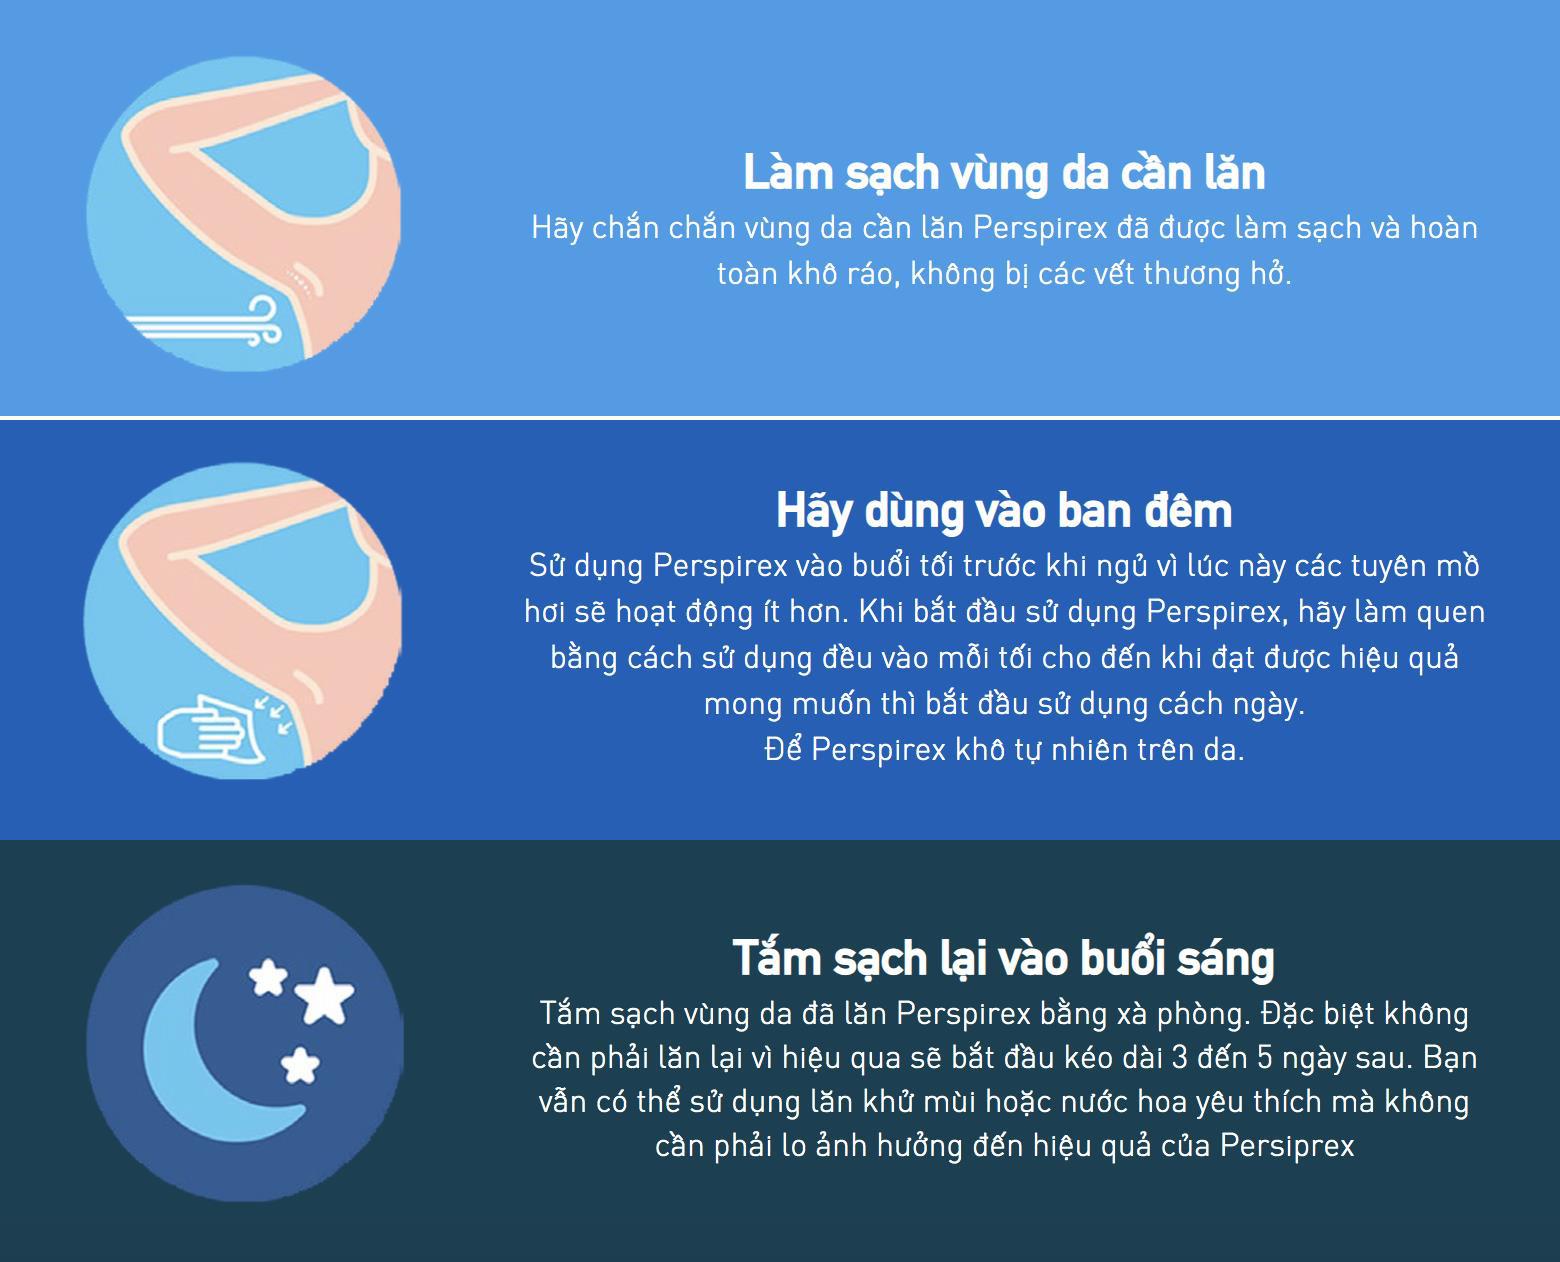 300 cơ hội dùng miễn phí Perspirex: Lăn khử mùi 3 - 5 ngày chính thức có mặt tại Việt Nam - Ảnh 4.